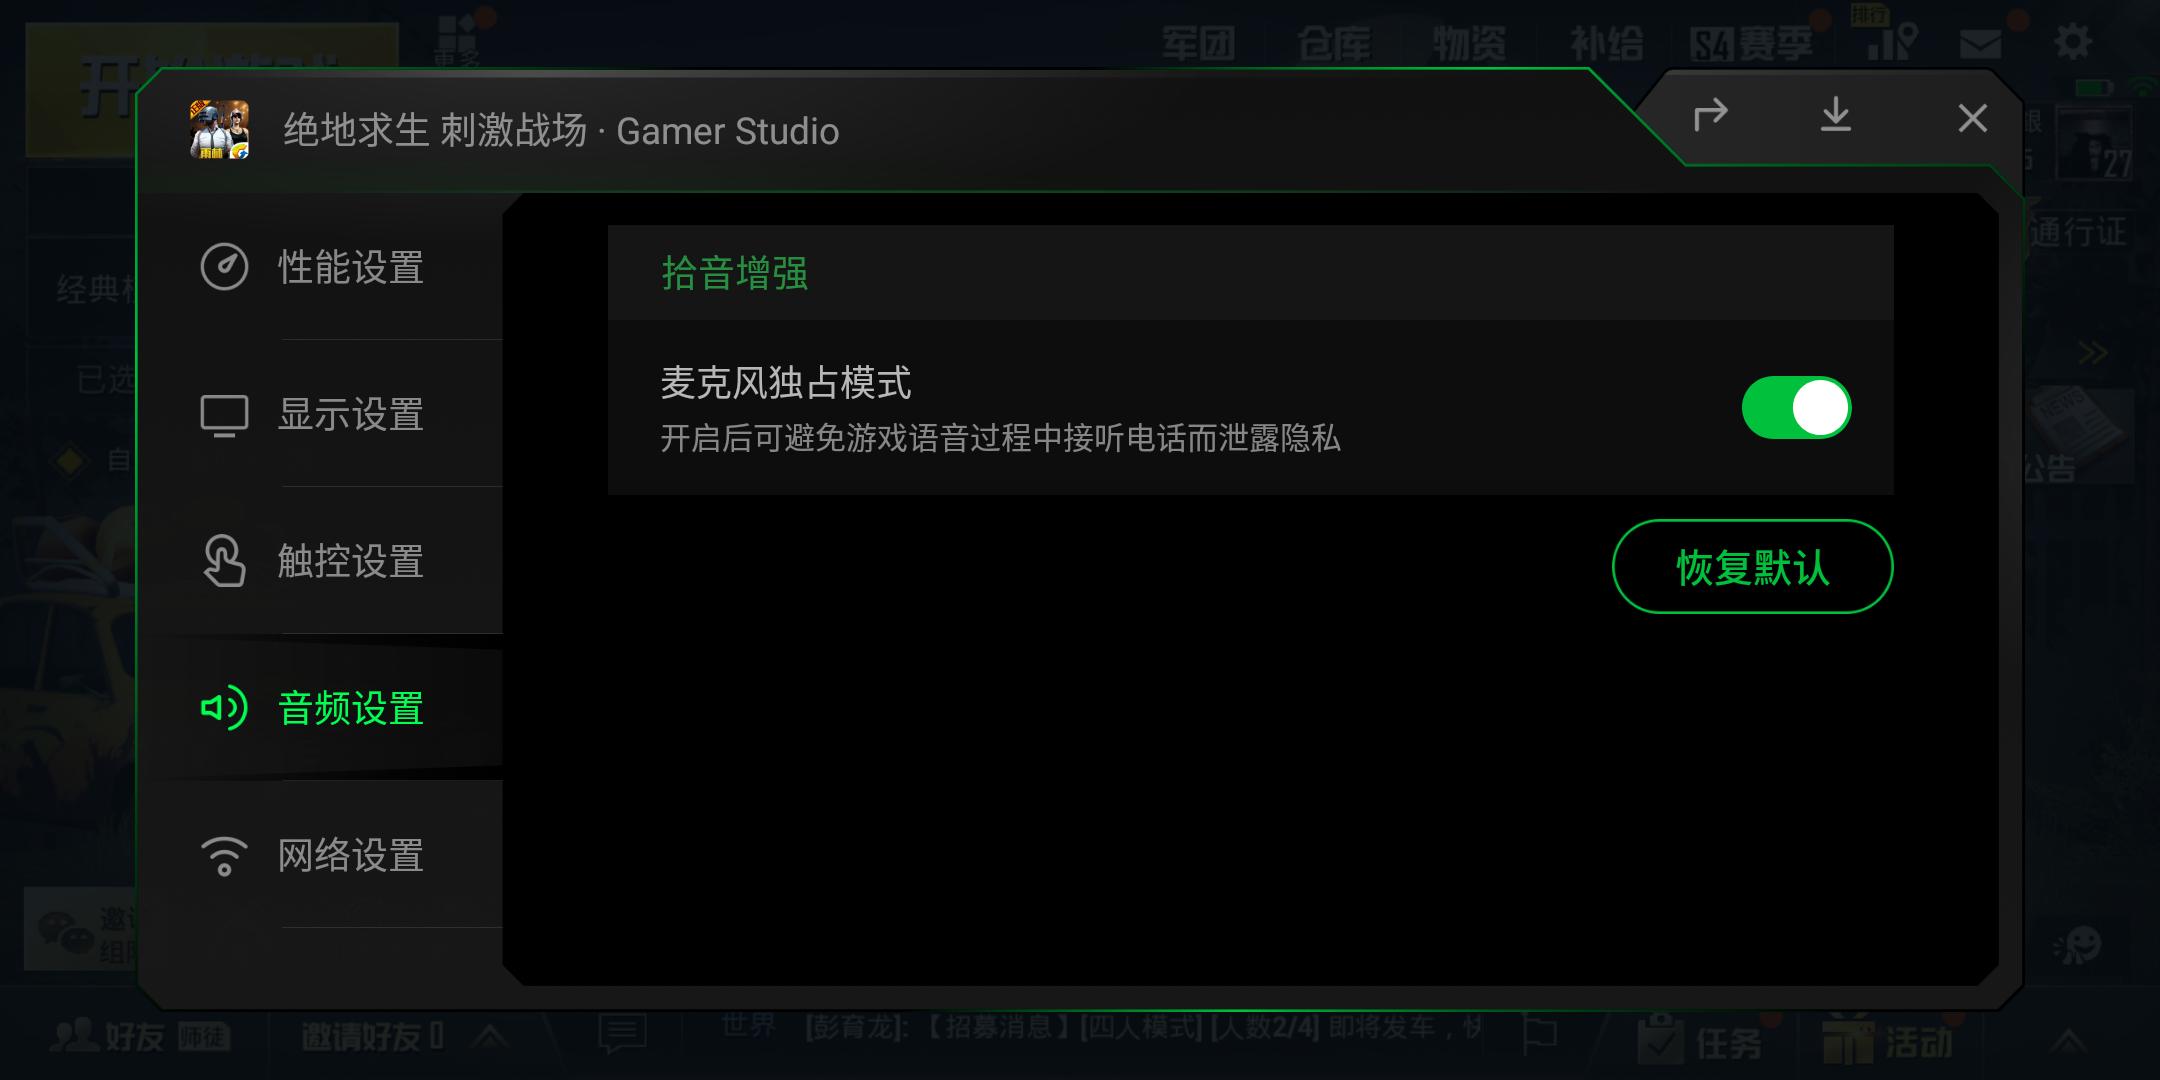 音频设置界面.png